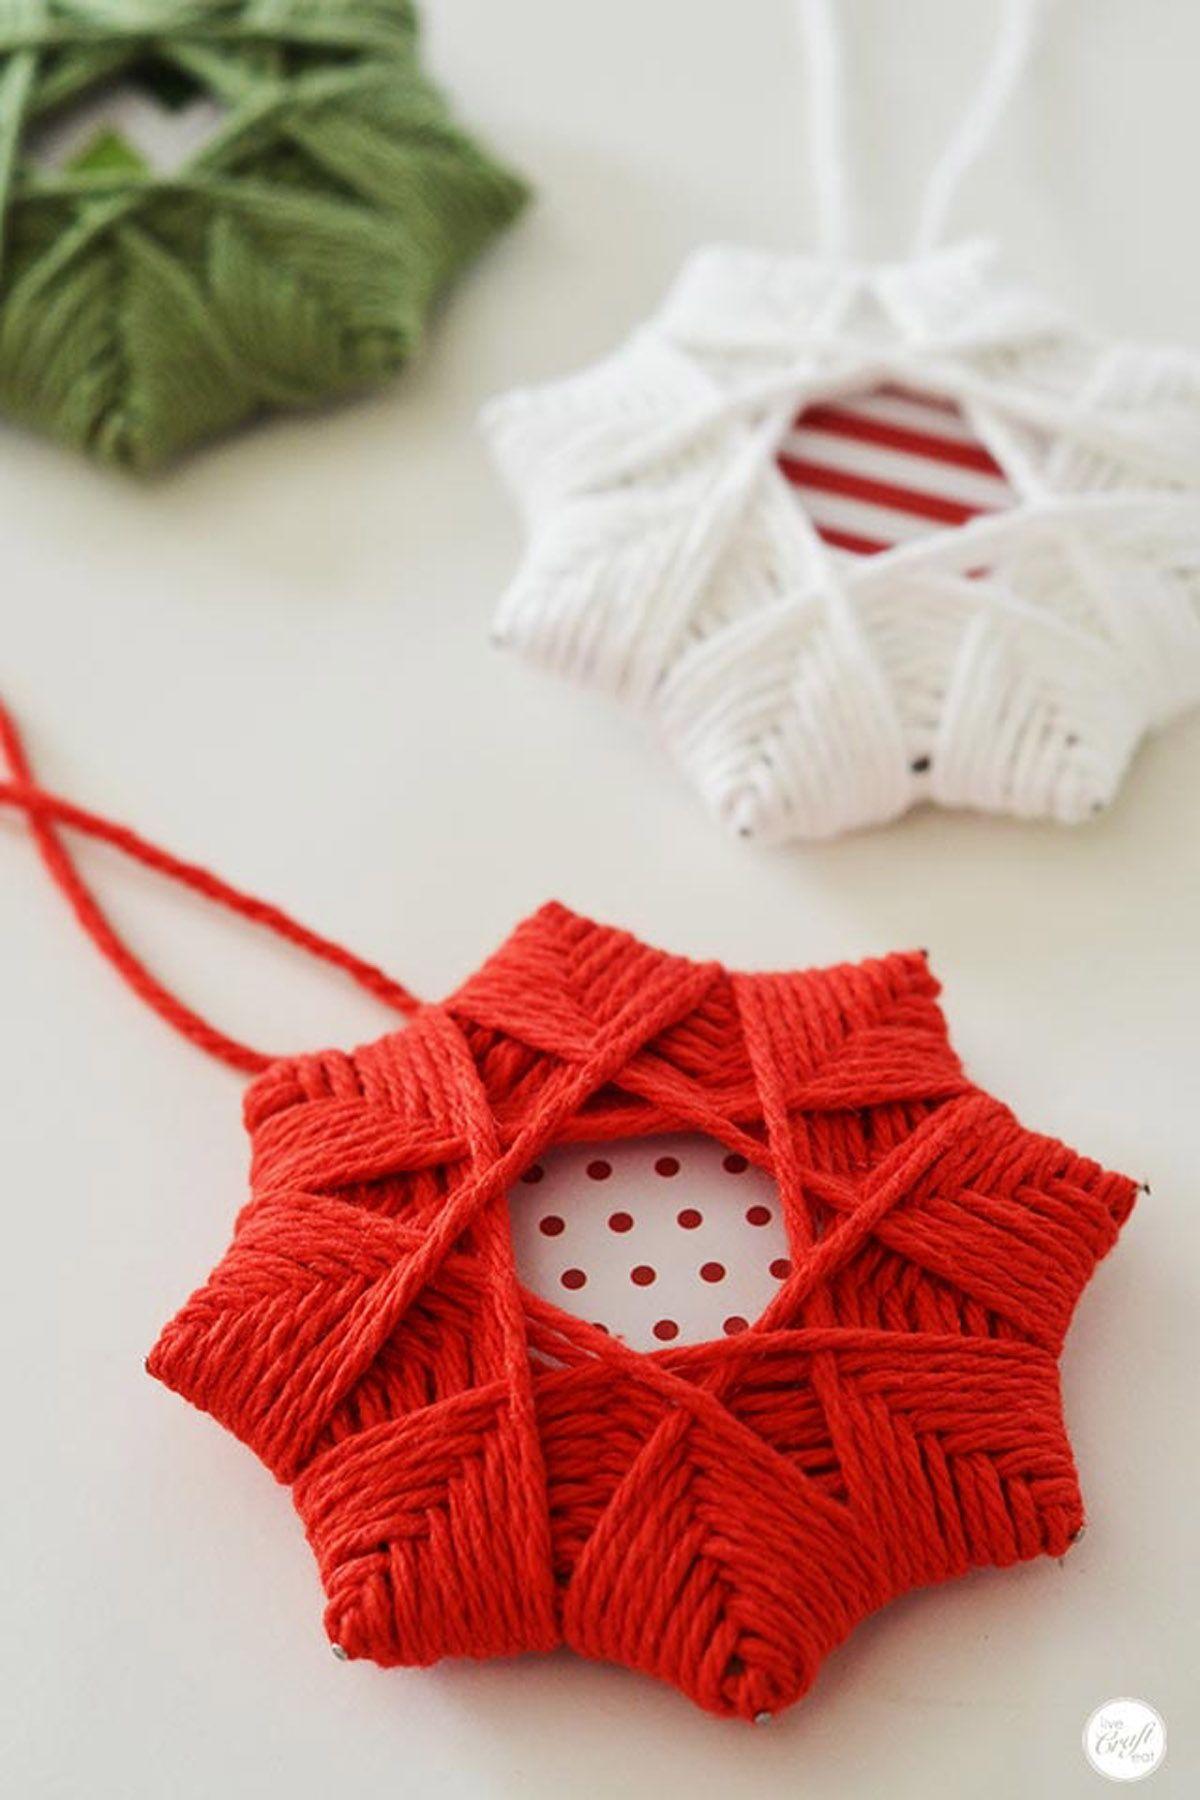 42 Homemade DIY Christmas Ornament Craft Ideas - How To Make Holiday ...